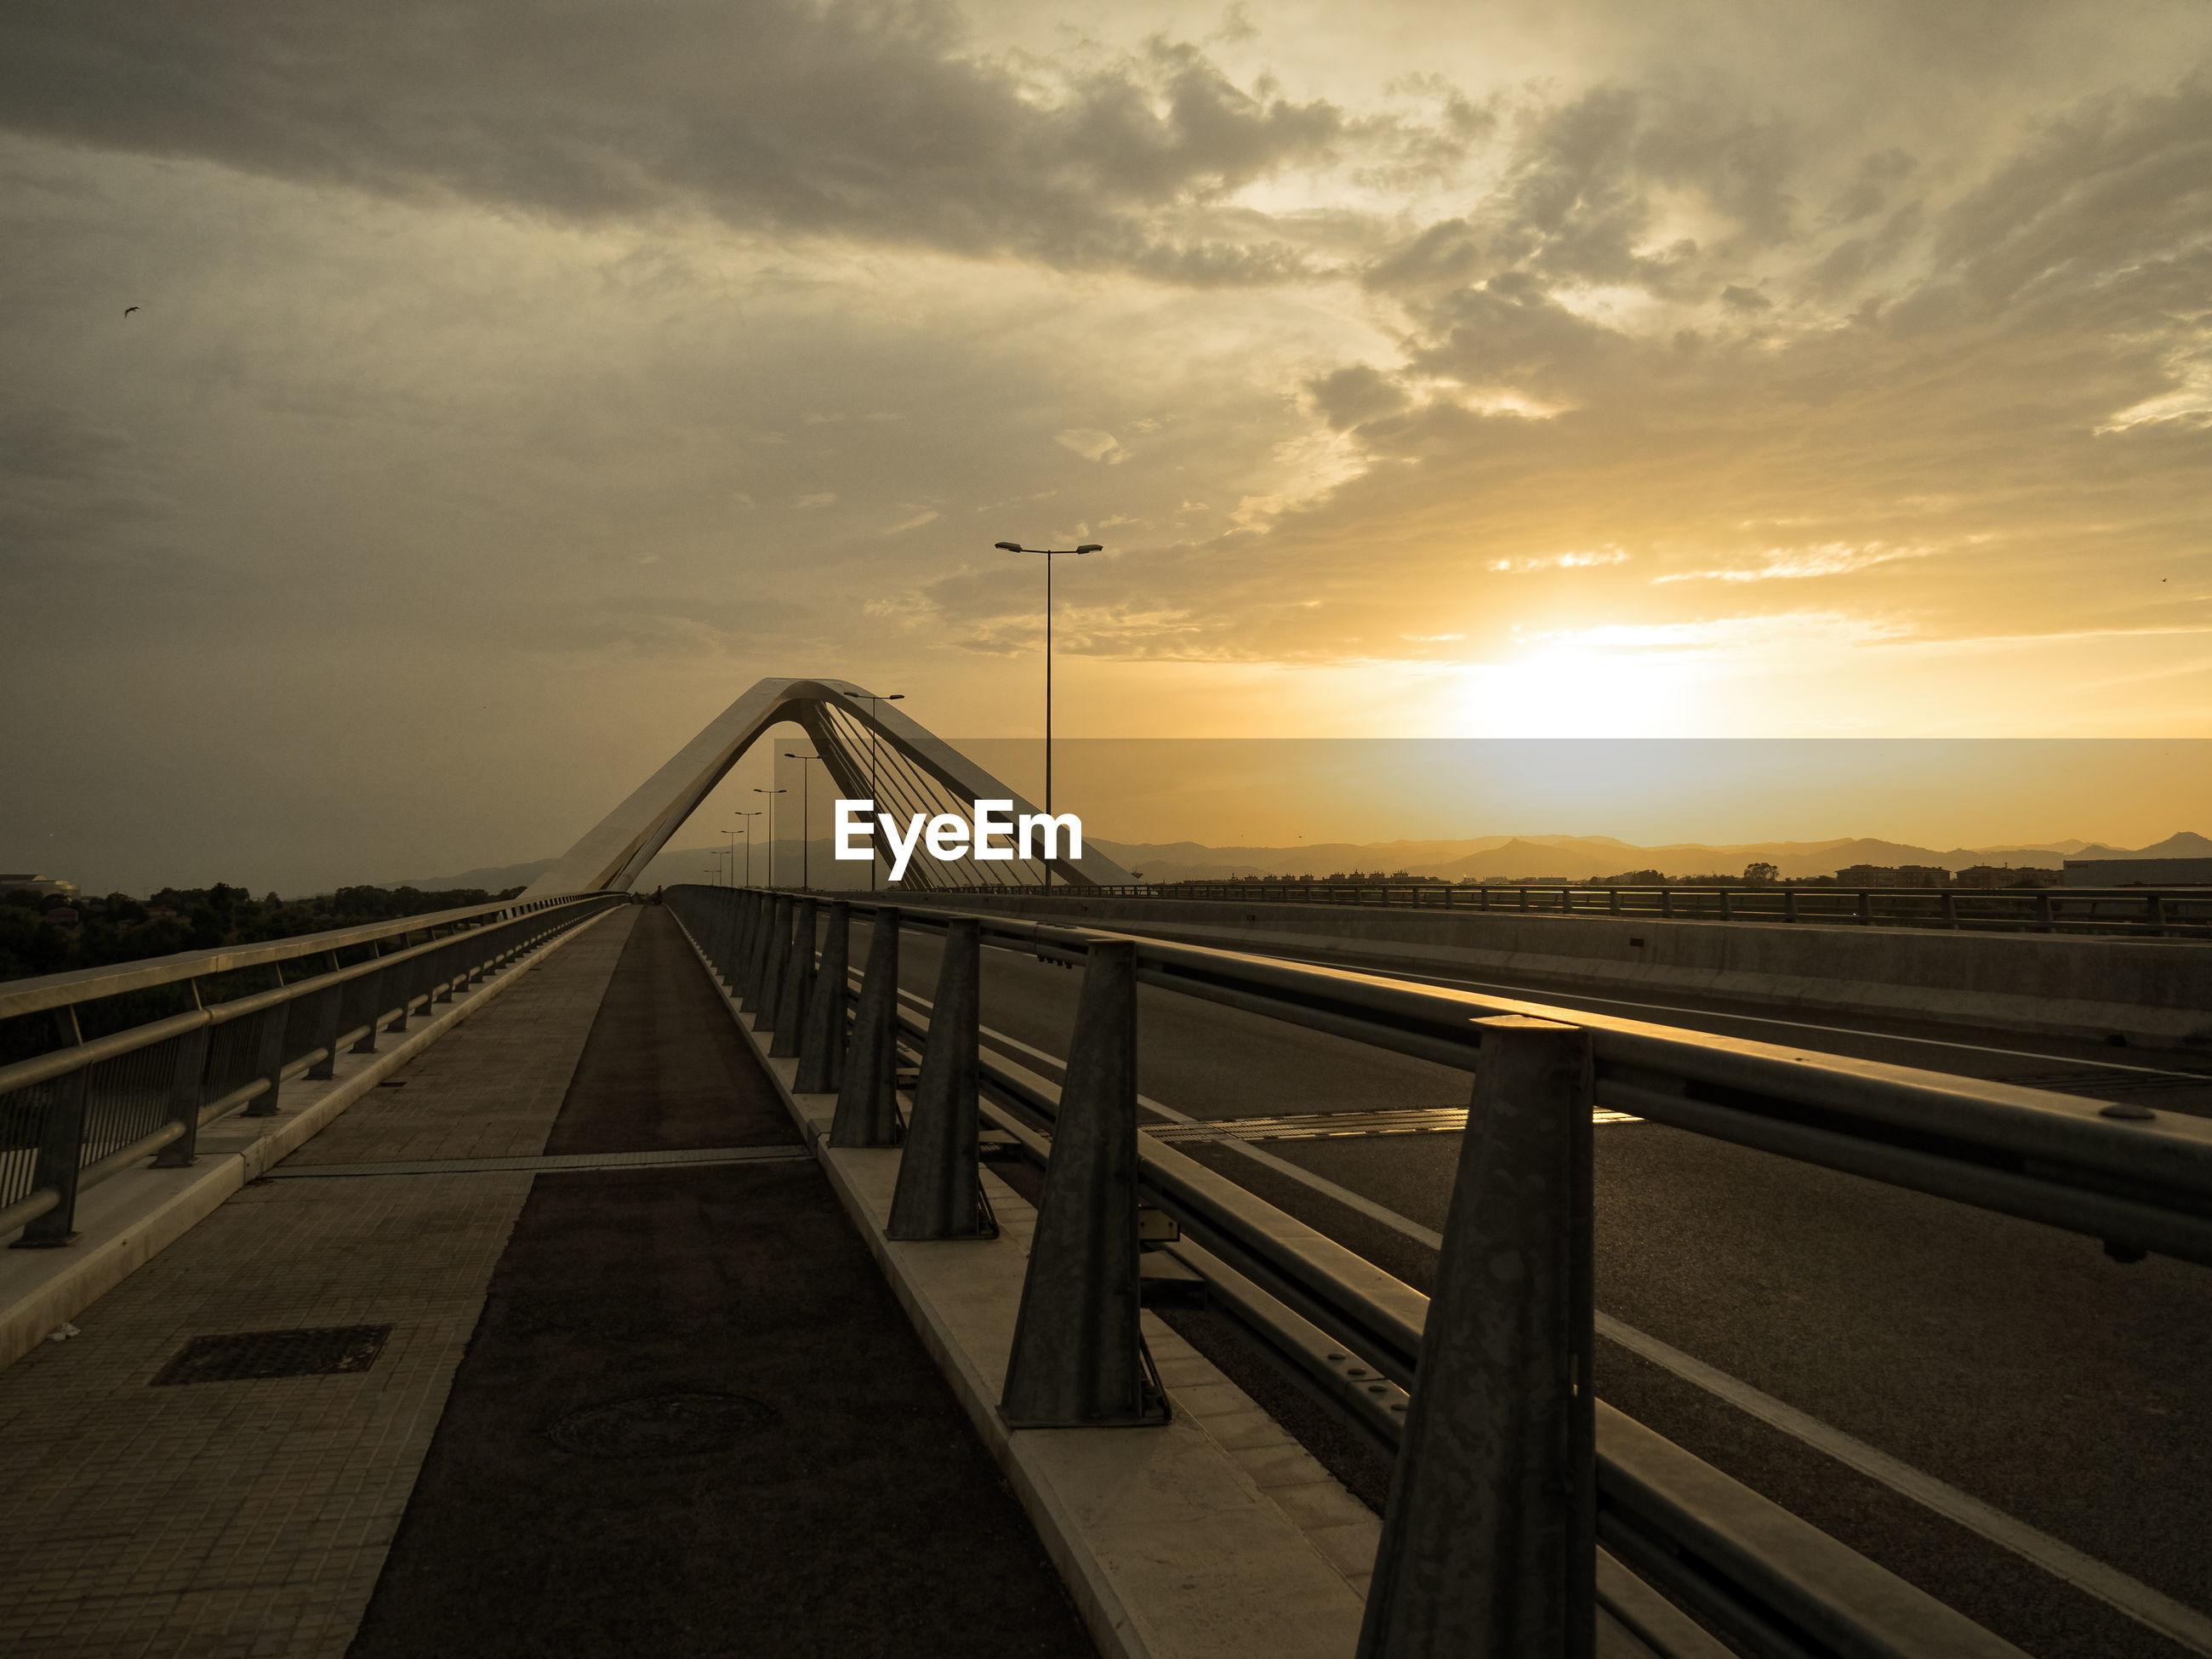 VIEW OF SUSPENSION BRIDGE AGAINST SKY